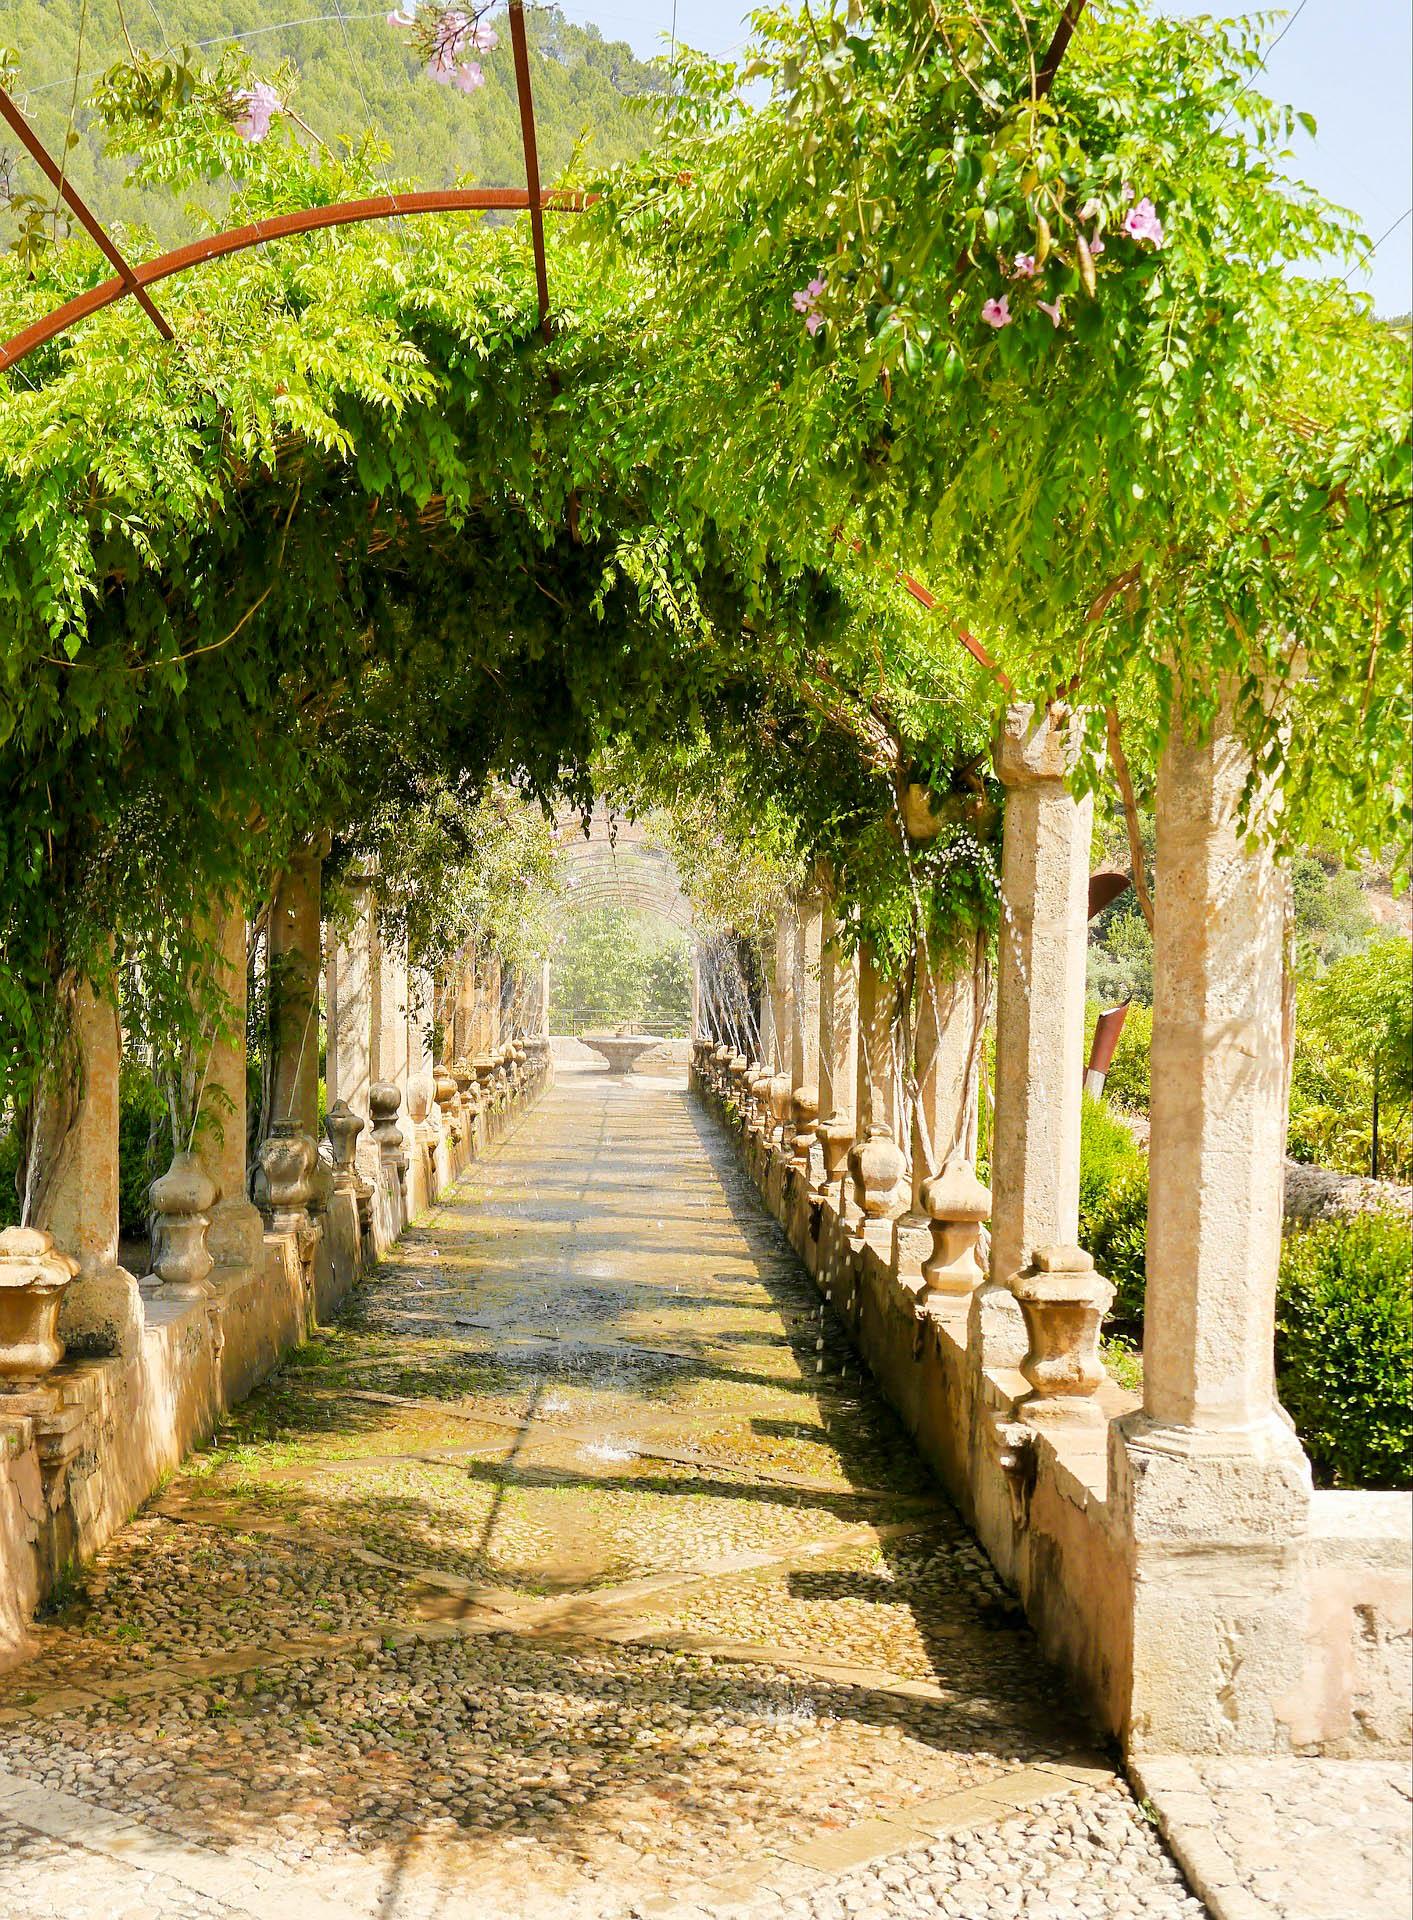 Іспанія Майорка сади Альфабія